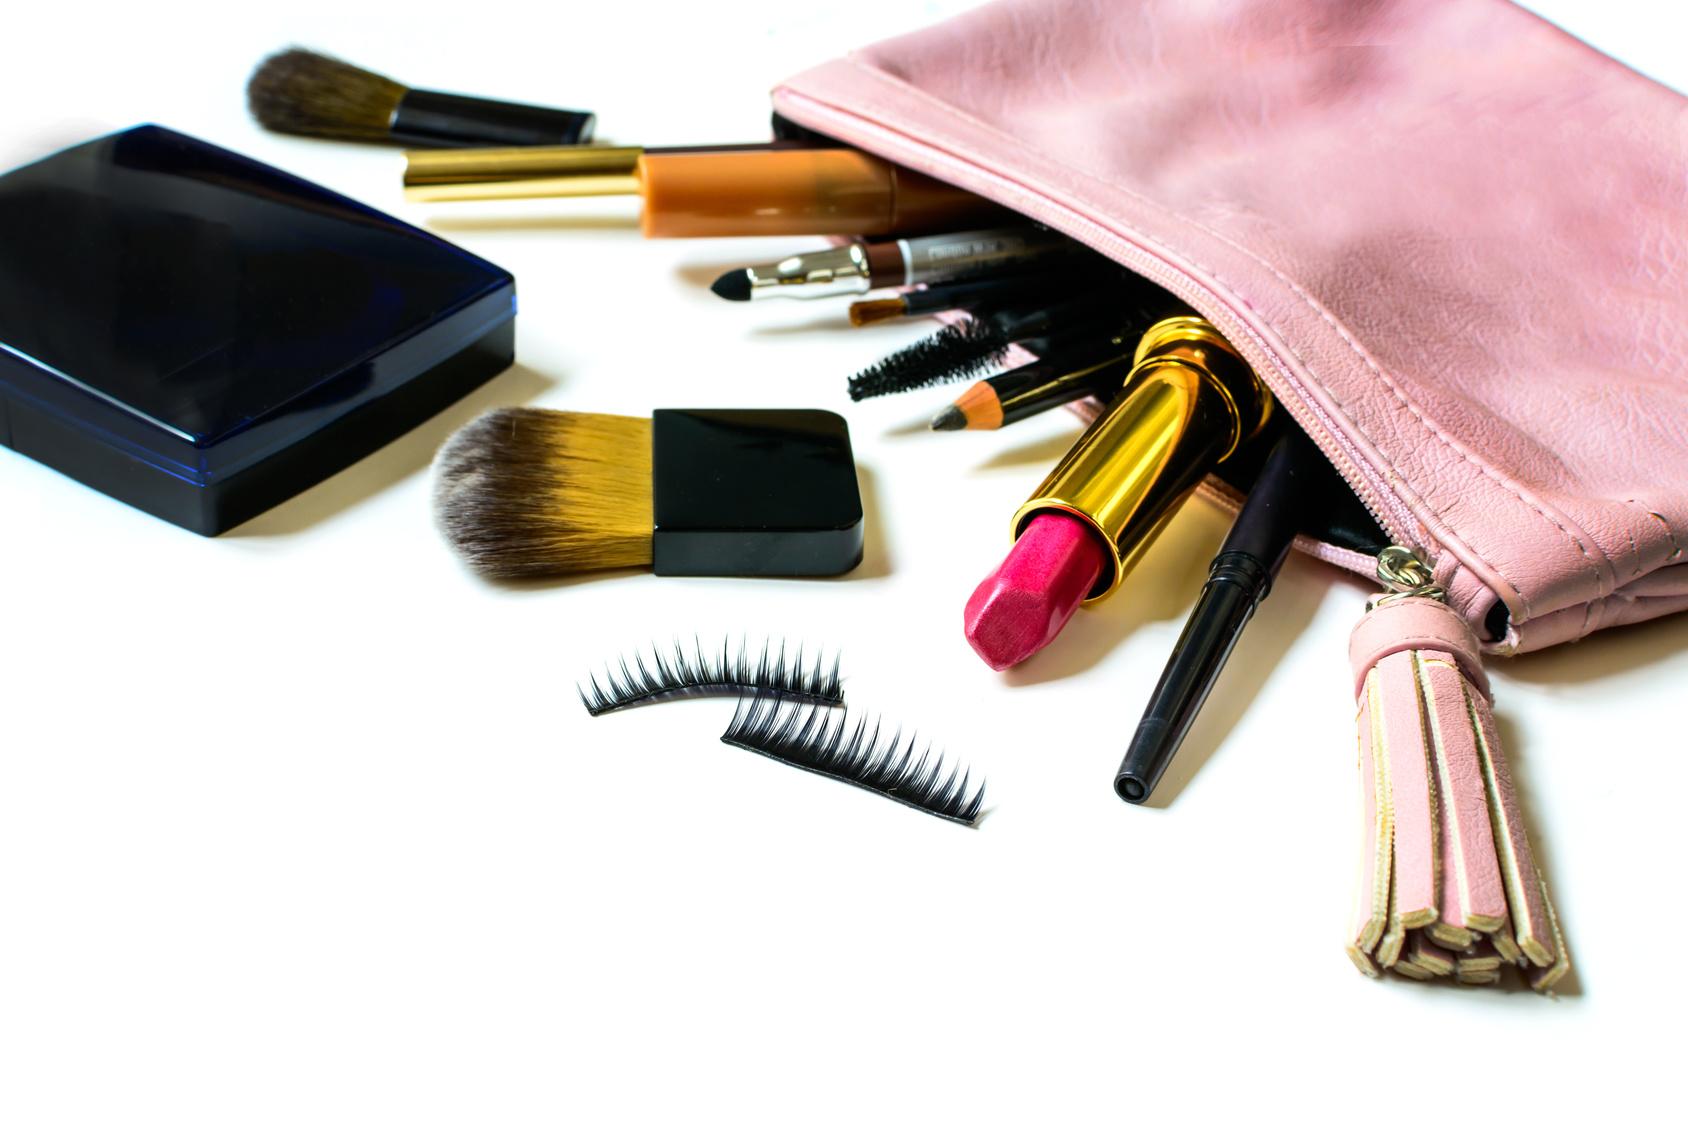 Szkoła urody: 10 terminów, które znają wyłącznie osoby uzależnione od strefy beauty